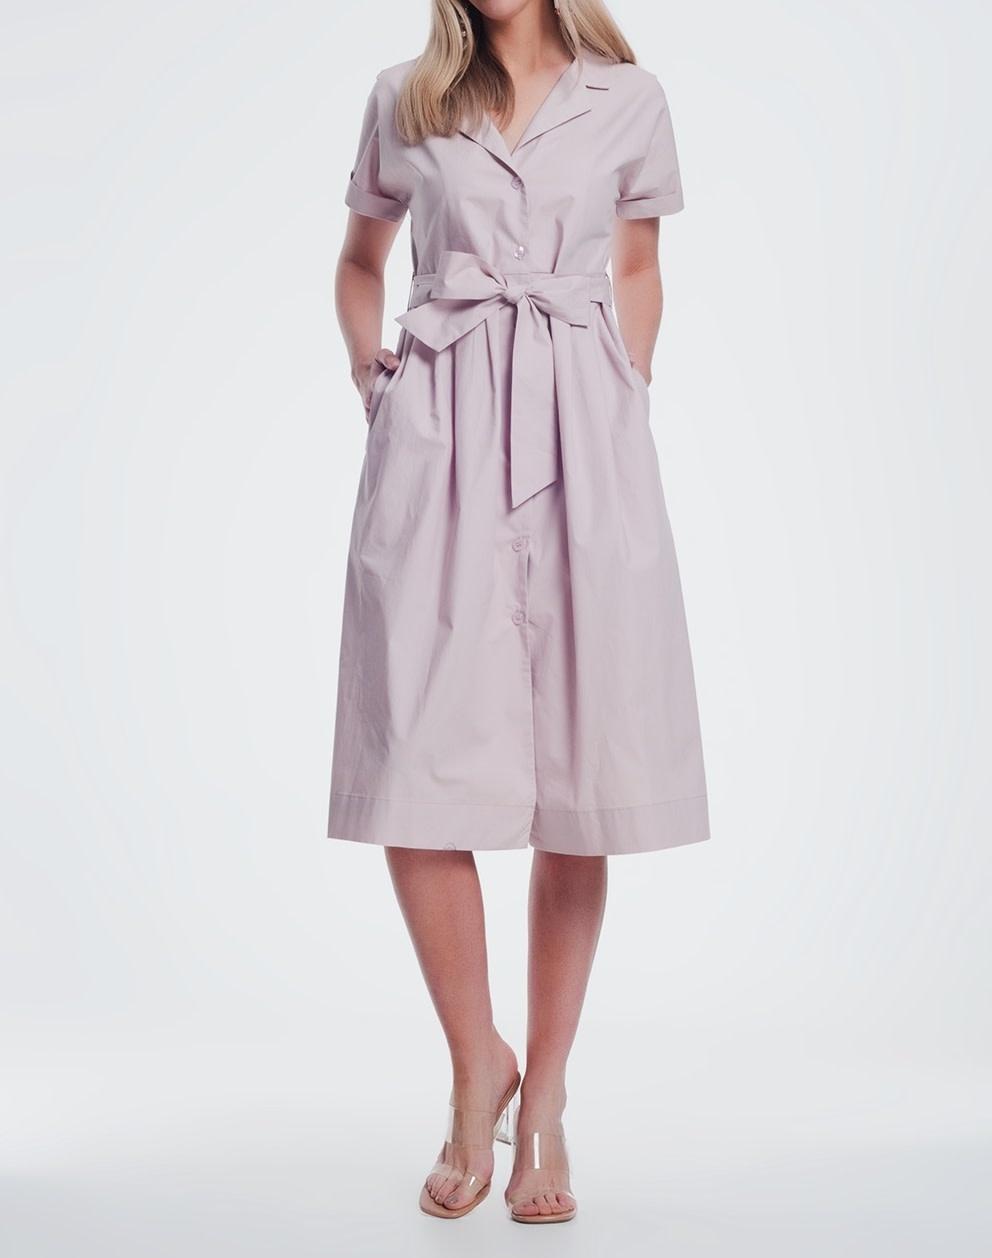 Seek The Label Shirt Midi Dress W/Belt